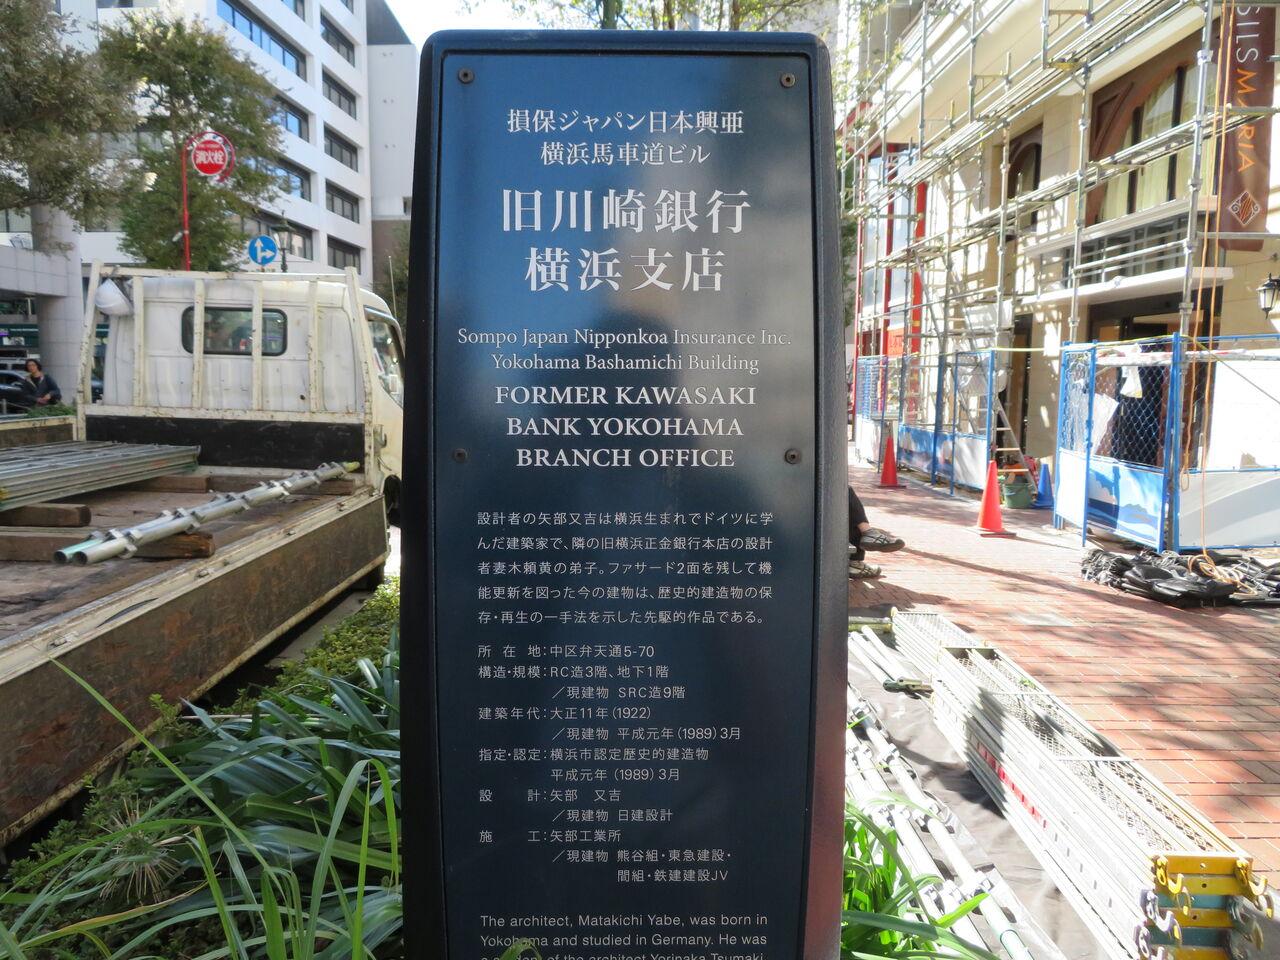 損保ジャパン日本興亜横浜馬車道ビル : 歴史を求めて街歩き